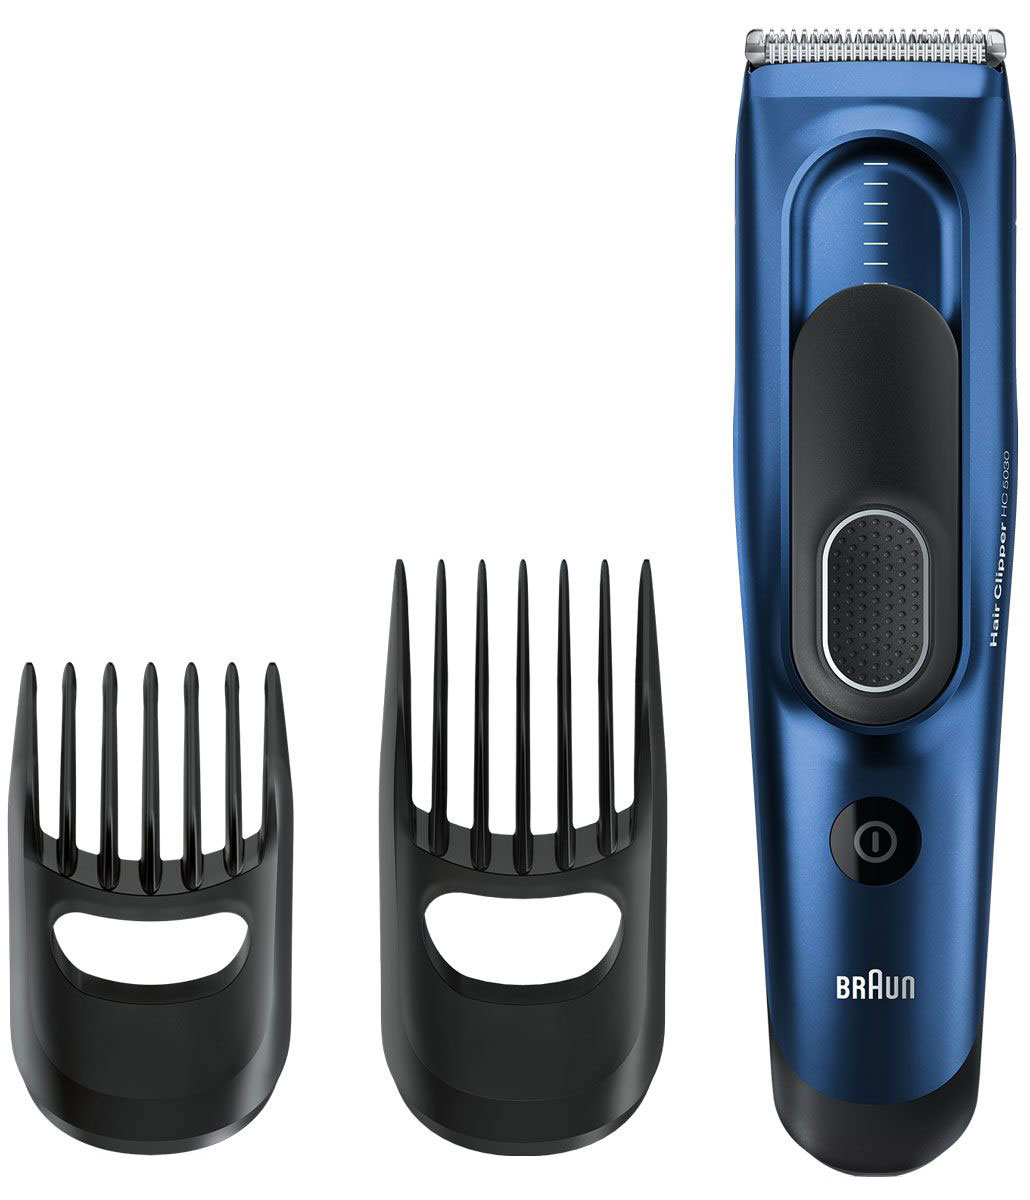 Braun HC 5030 машинка для стрижки волос81519167Машинка для стрижки волос Braun HC 5030 с 17 настройками длины позволяет создать любой образ и стрижку. Два регулируемых направляющих гребня позволяют создать прическу твоей мечты. Малый гребень охватывает длину от 3 до 24 мм, большой — от 14 до 35 мм.Разработана для работы в беспроводном или проводном режиме:Машинка для стрижки волос Braun работает от двойного аккумулятора. Два Ni-MH аккумулятора полностью заряжаются за 8 часов, гарантируя 40 минут беспроводной работы. Для обеспечения непрерывной работы просто подключи ее к питанию.Запоминает настройки нужной длины - для идеальных результатов в любое время:Умная функция Memory SafetyLock запоминает и записывает последние использованные настройки длины даже после удаления насадки.Надежный захват для точного управления:Прорезиненная зона захвата для комфортного и надежного использования.Сверхострые лезвия для точной стрижки:Лезвия машинок для стрижки волос Braun спроектированы для сохранения остроты надолго. Это обеспечивает необходимую точность для создания прически твоей мечты.Полностью моющийся:Машинка для стрижки волос Braun полностью моющаяся - легкость очистки под проточной водой.Автоматическая настройка напряжения в любой стране мира:Машинка для стрижки волос Braun автоматически приспосабливается к любому напряжению от 100 до 240 В. Это делает ее идеальным спутником в поездках.